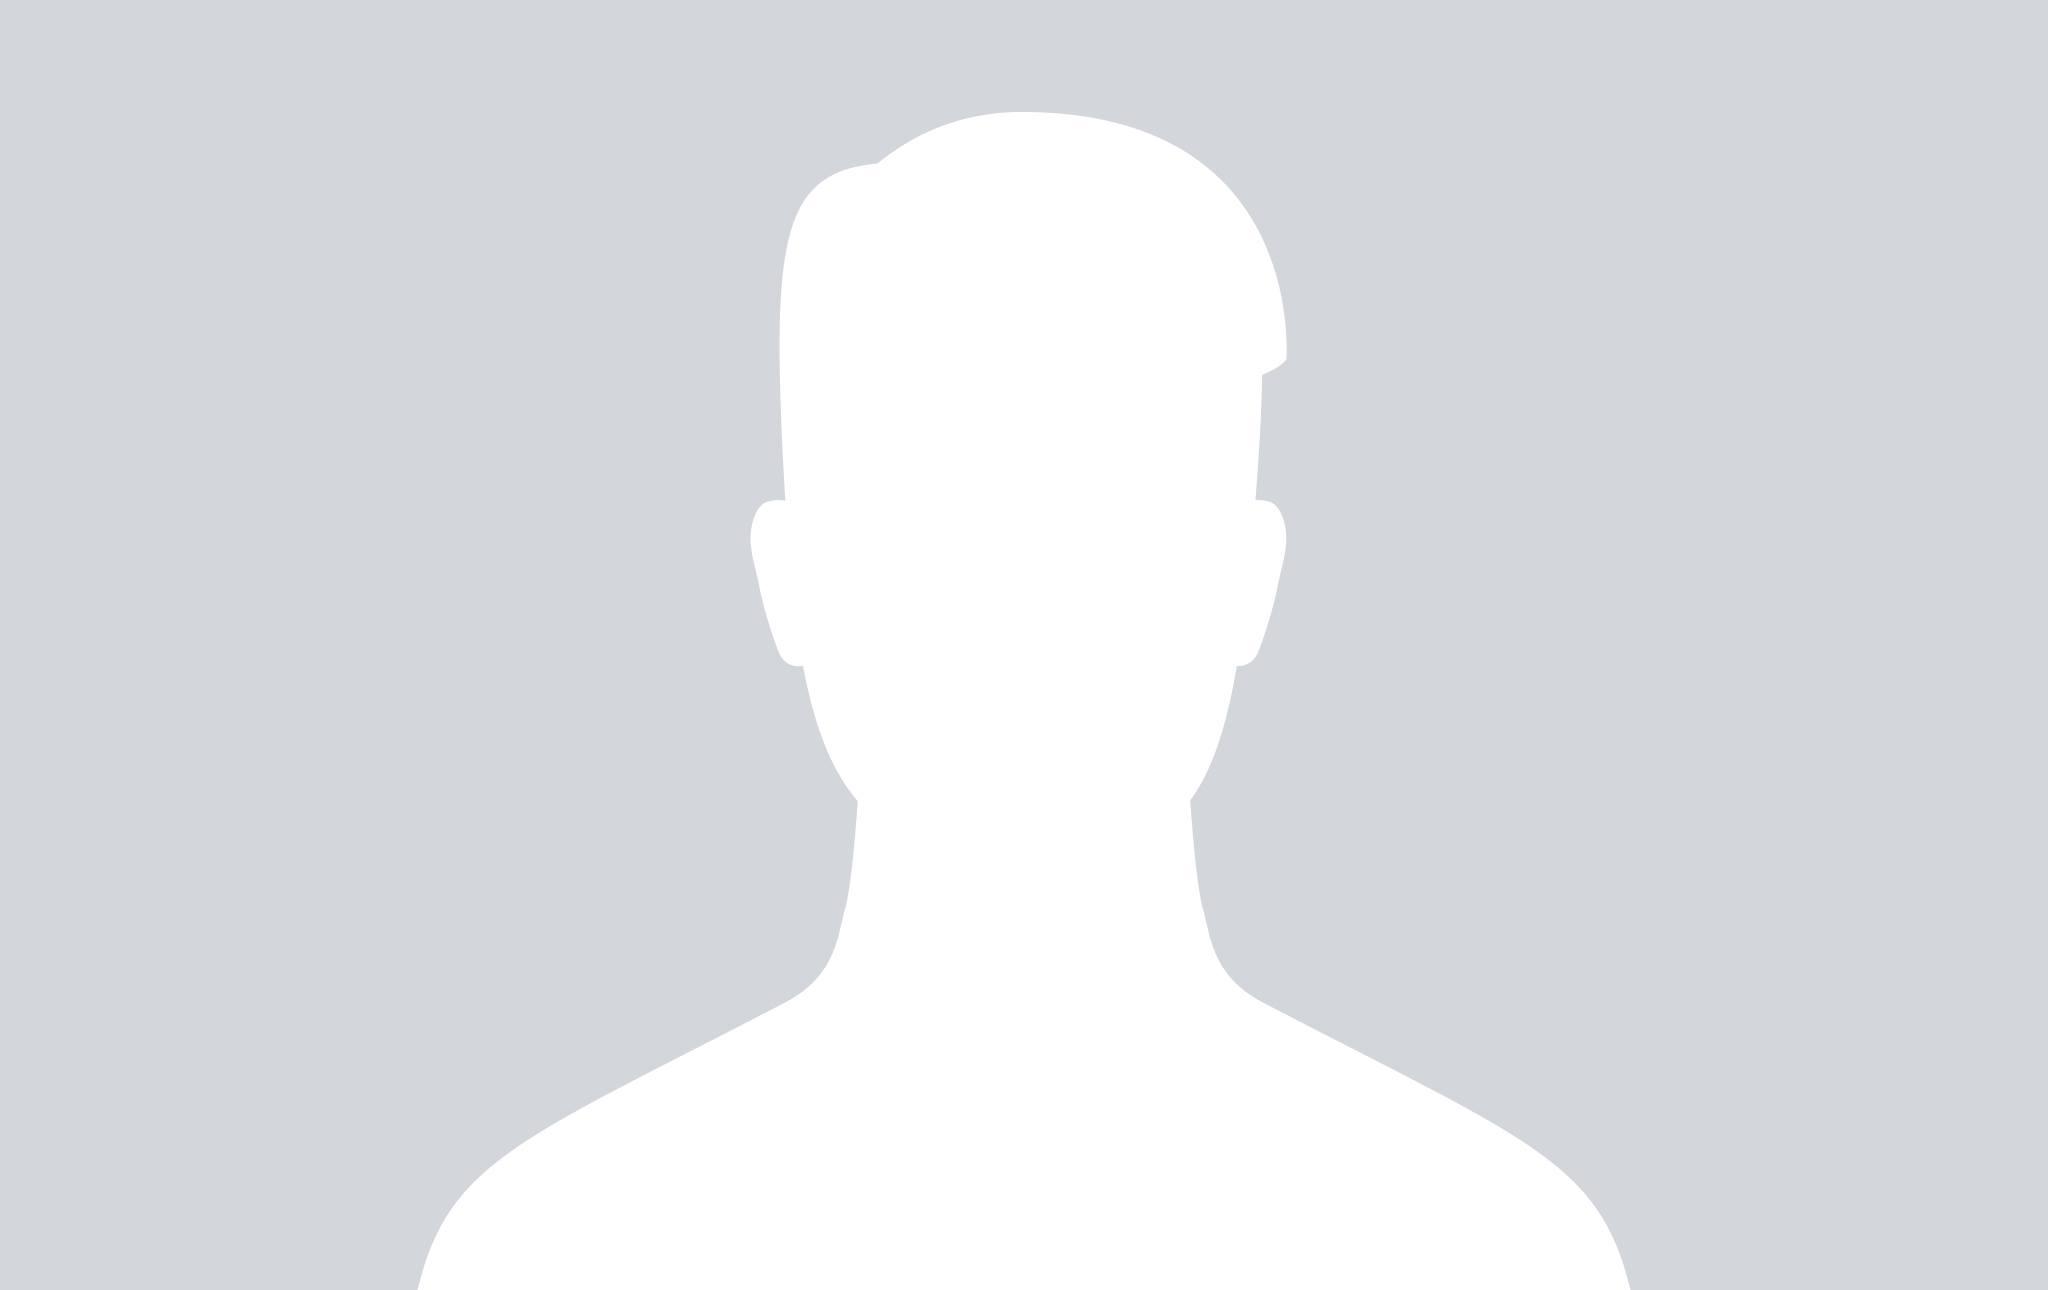 https://d2yht872mhrlra.cloudfront.net/user/130800/user_130800.jpg